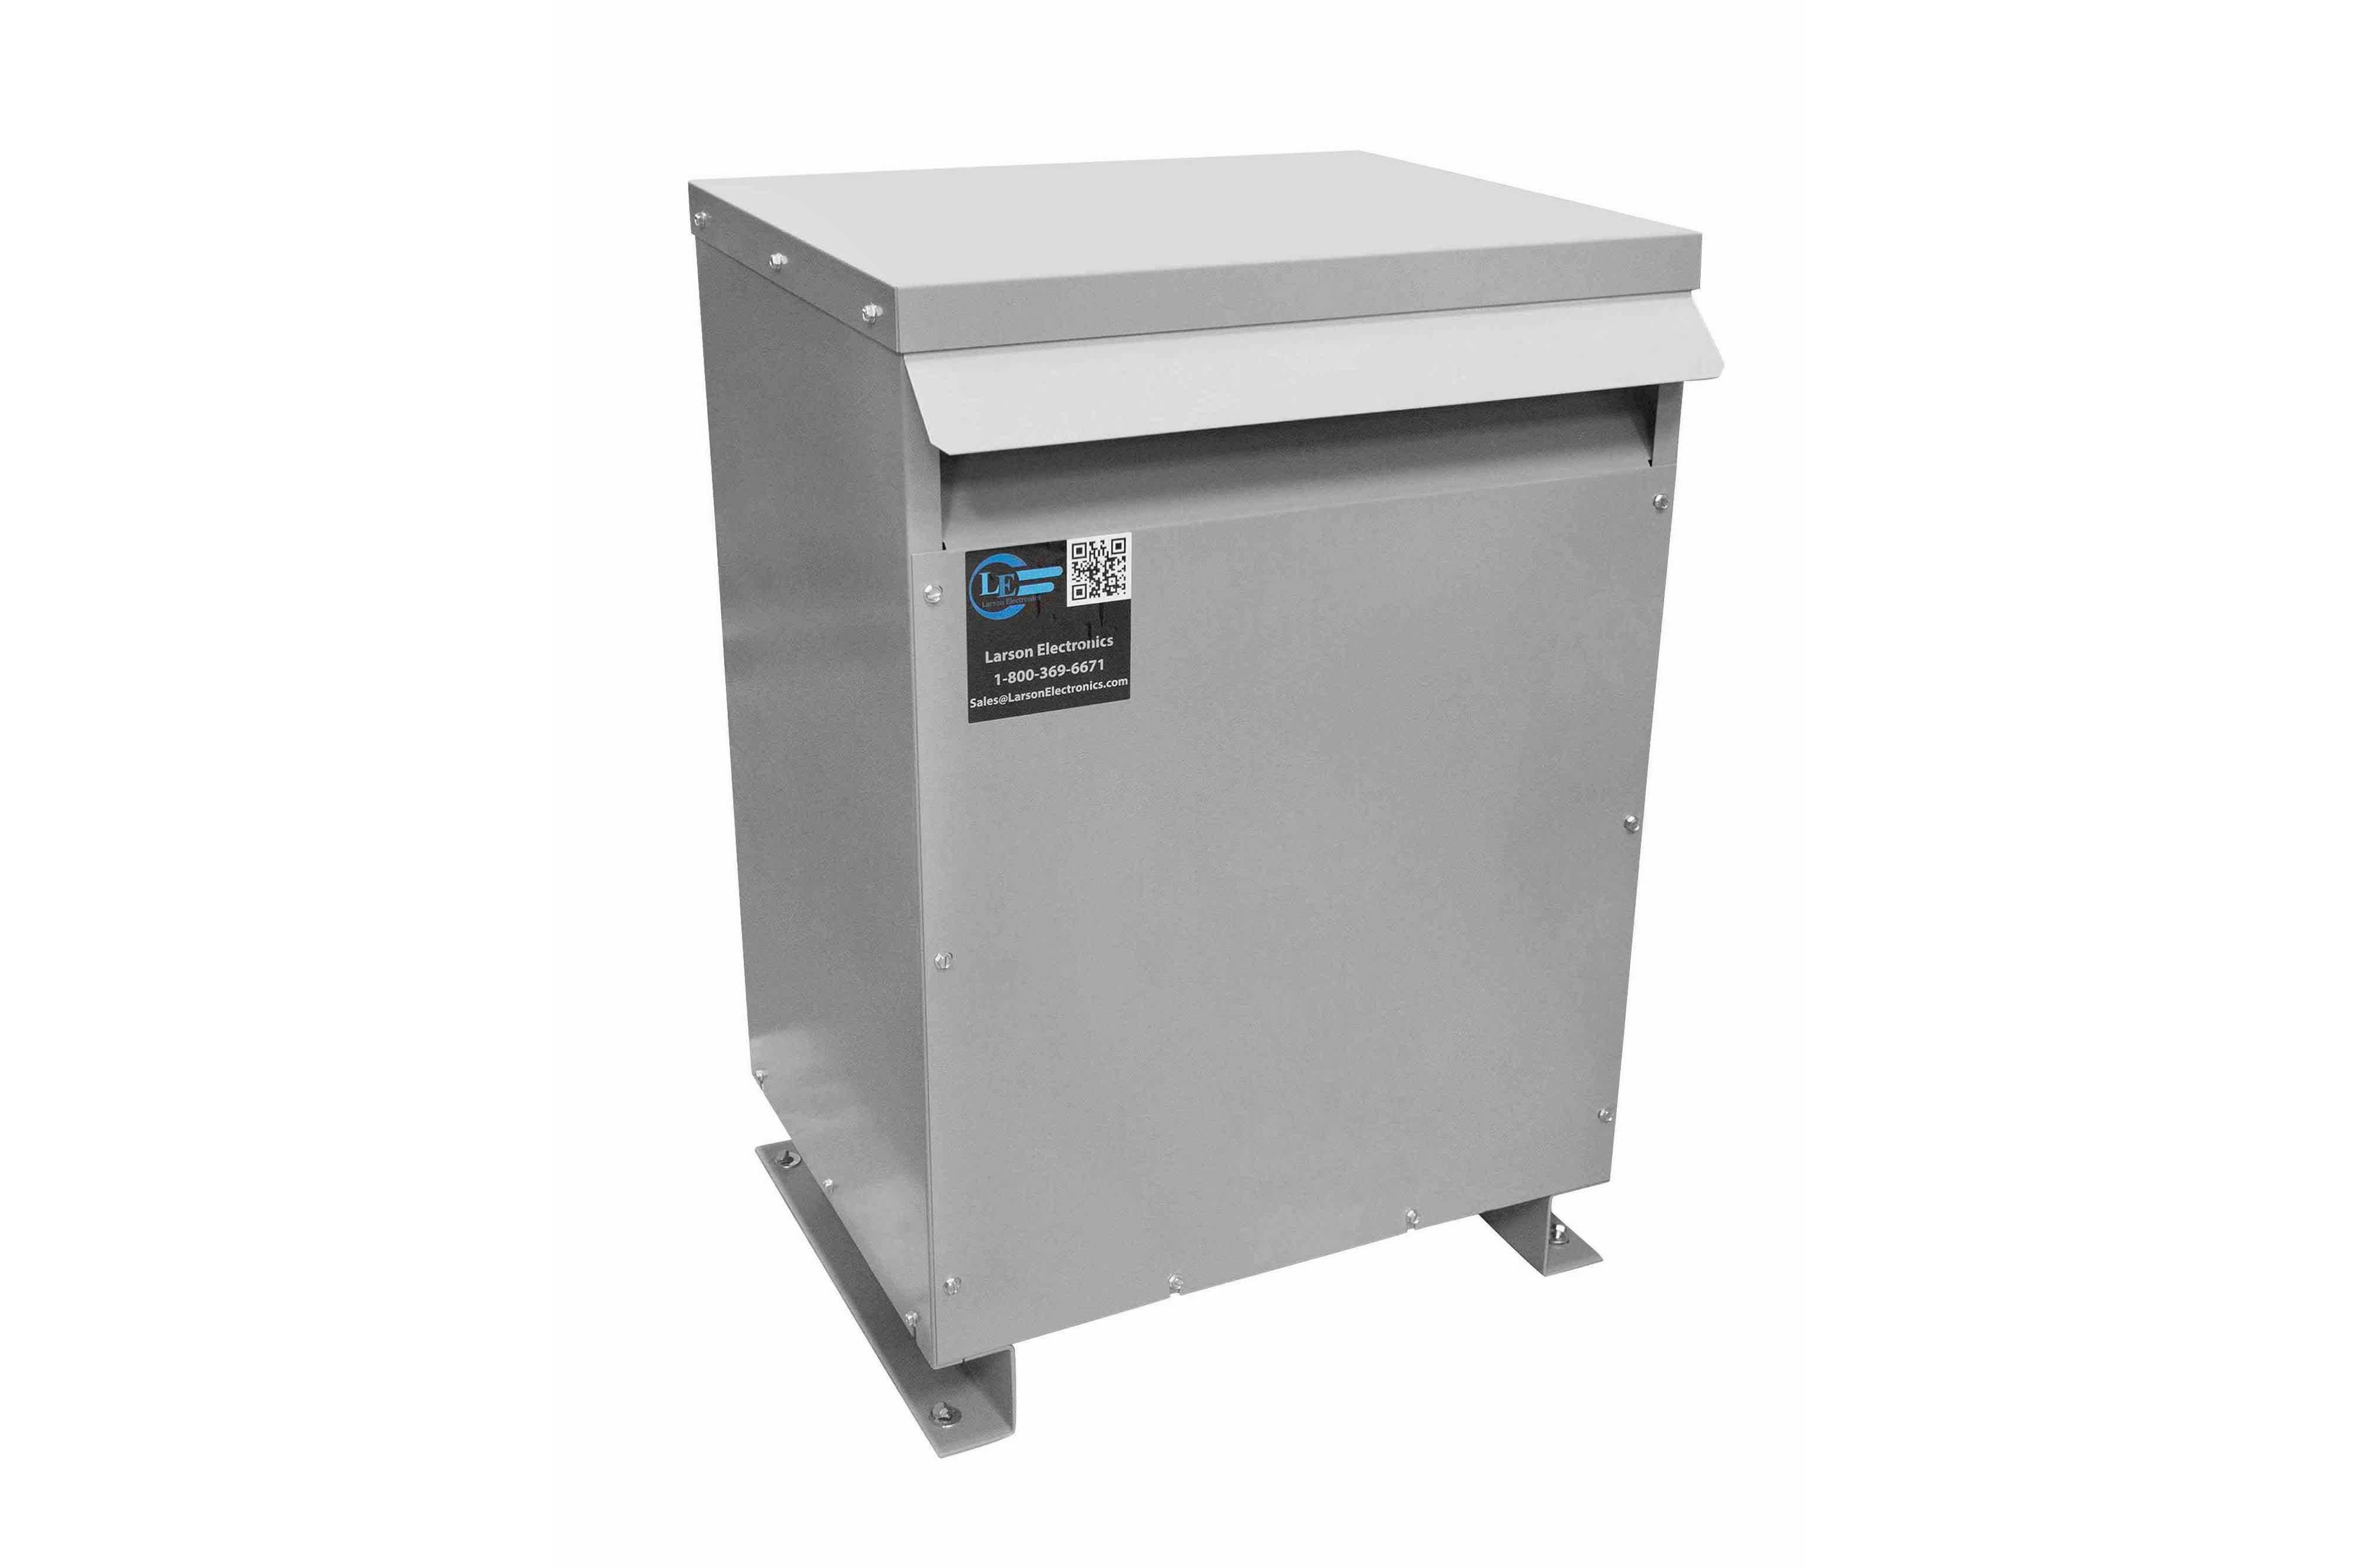 90 kVA 3PH Isolation Transformer, 460V Delta Primary, 600V Delta Secondary, N3R, Ventilated, 60 Hz